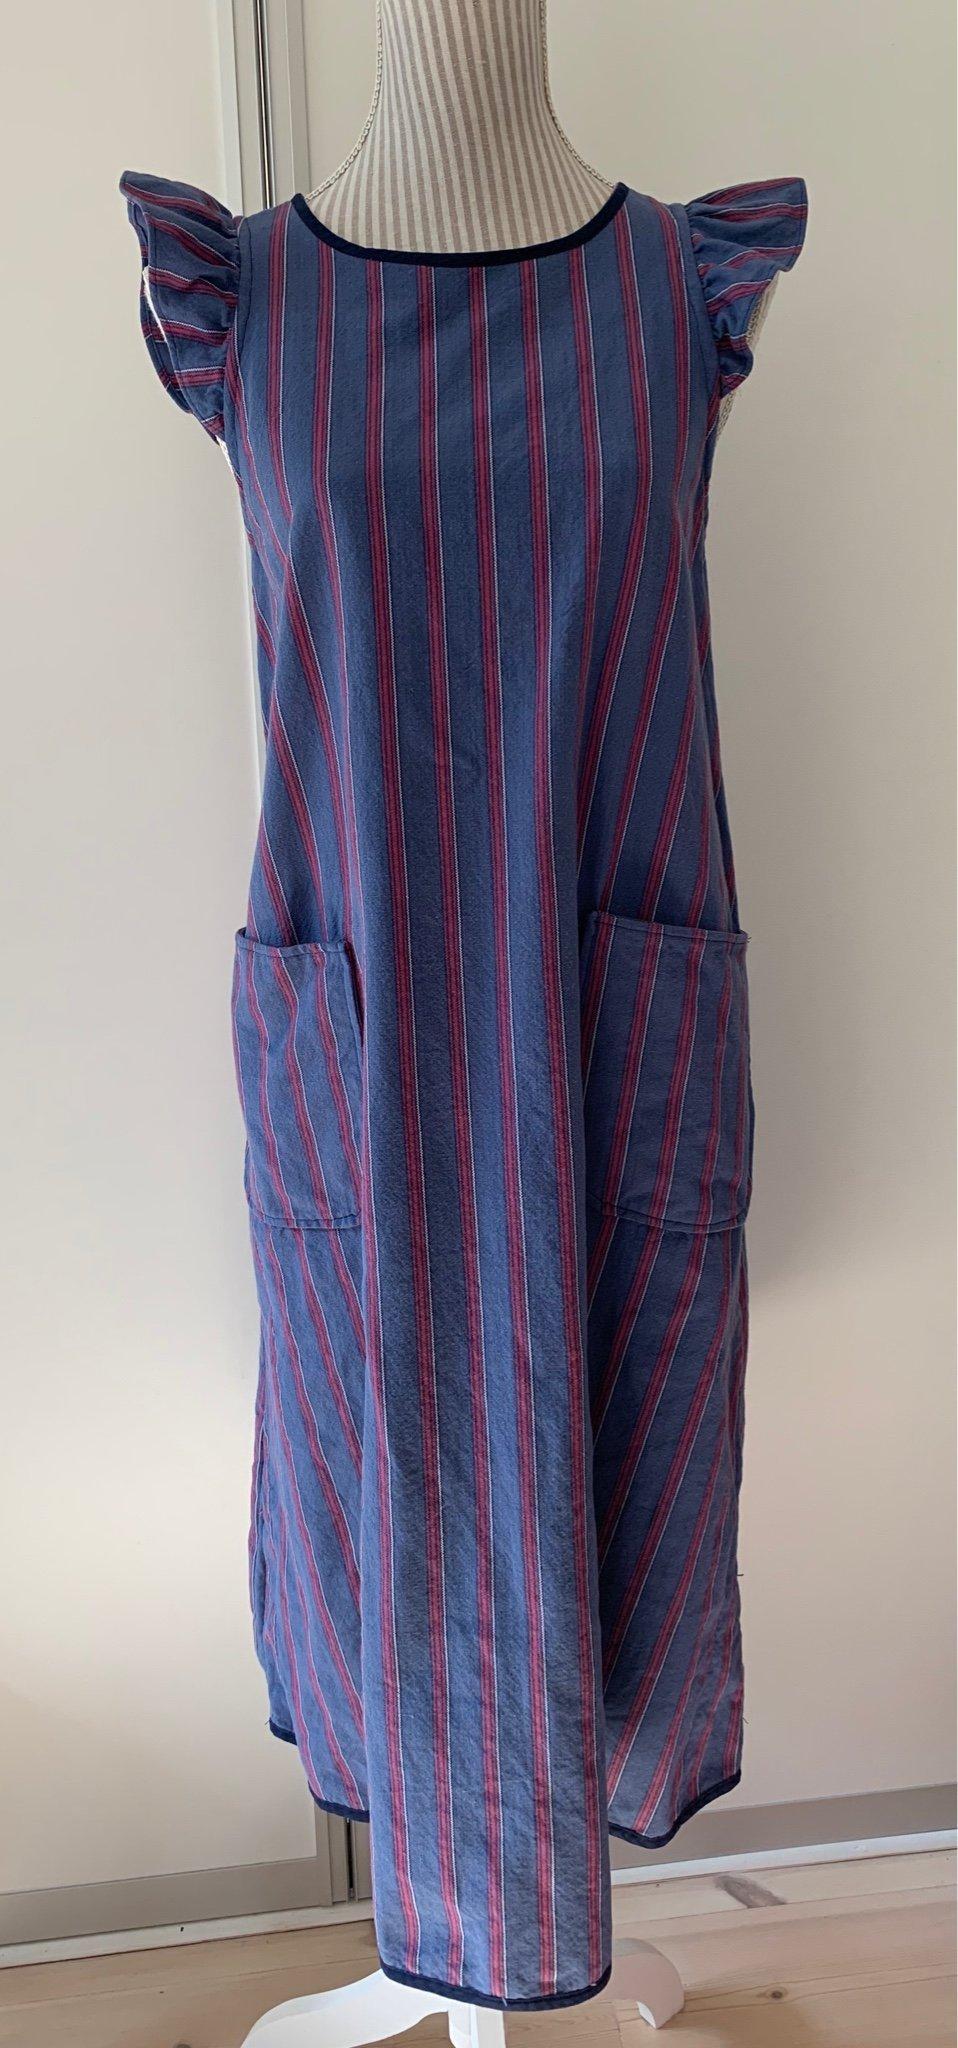 Vintage retro förklädes klänning sommarklänning röd bomull